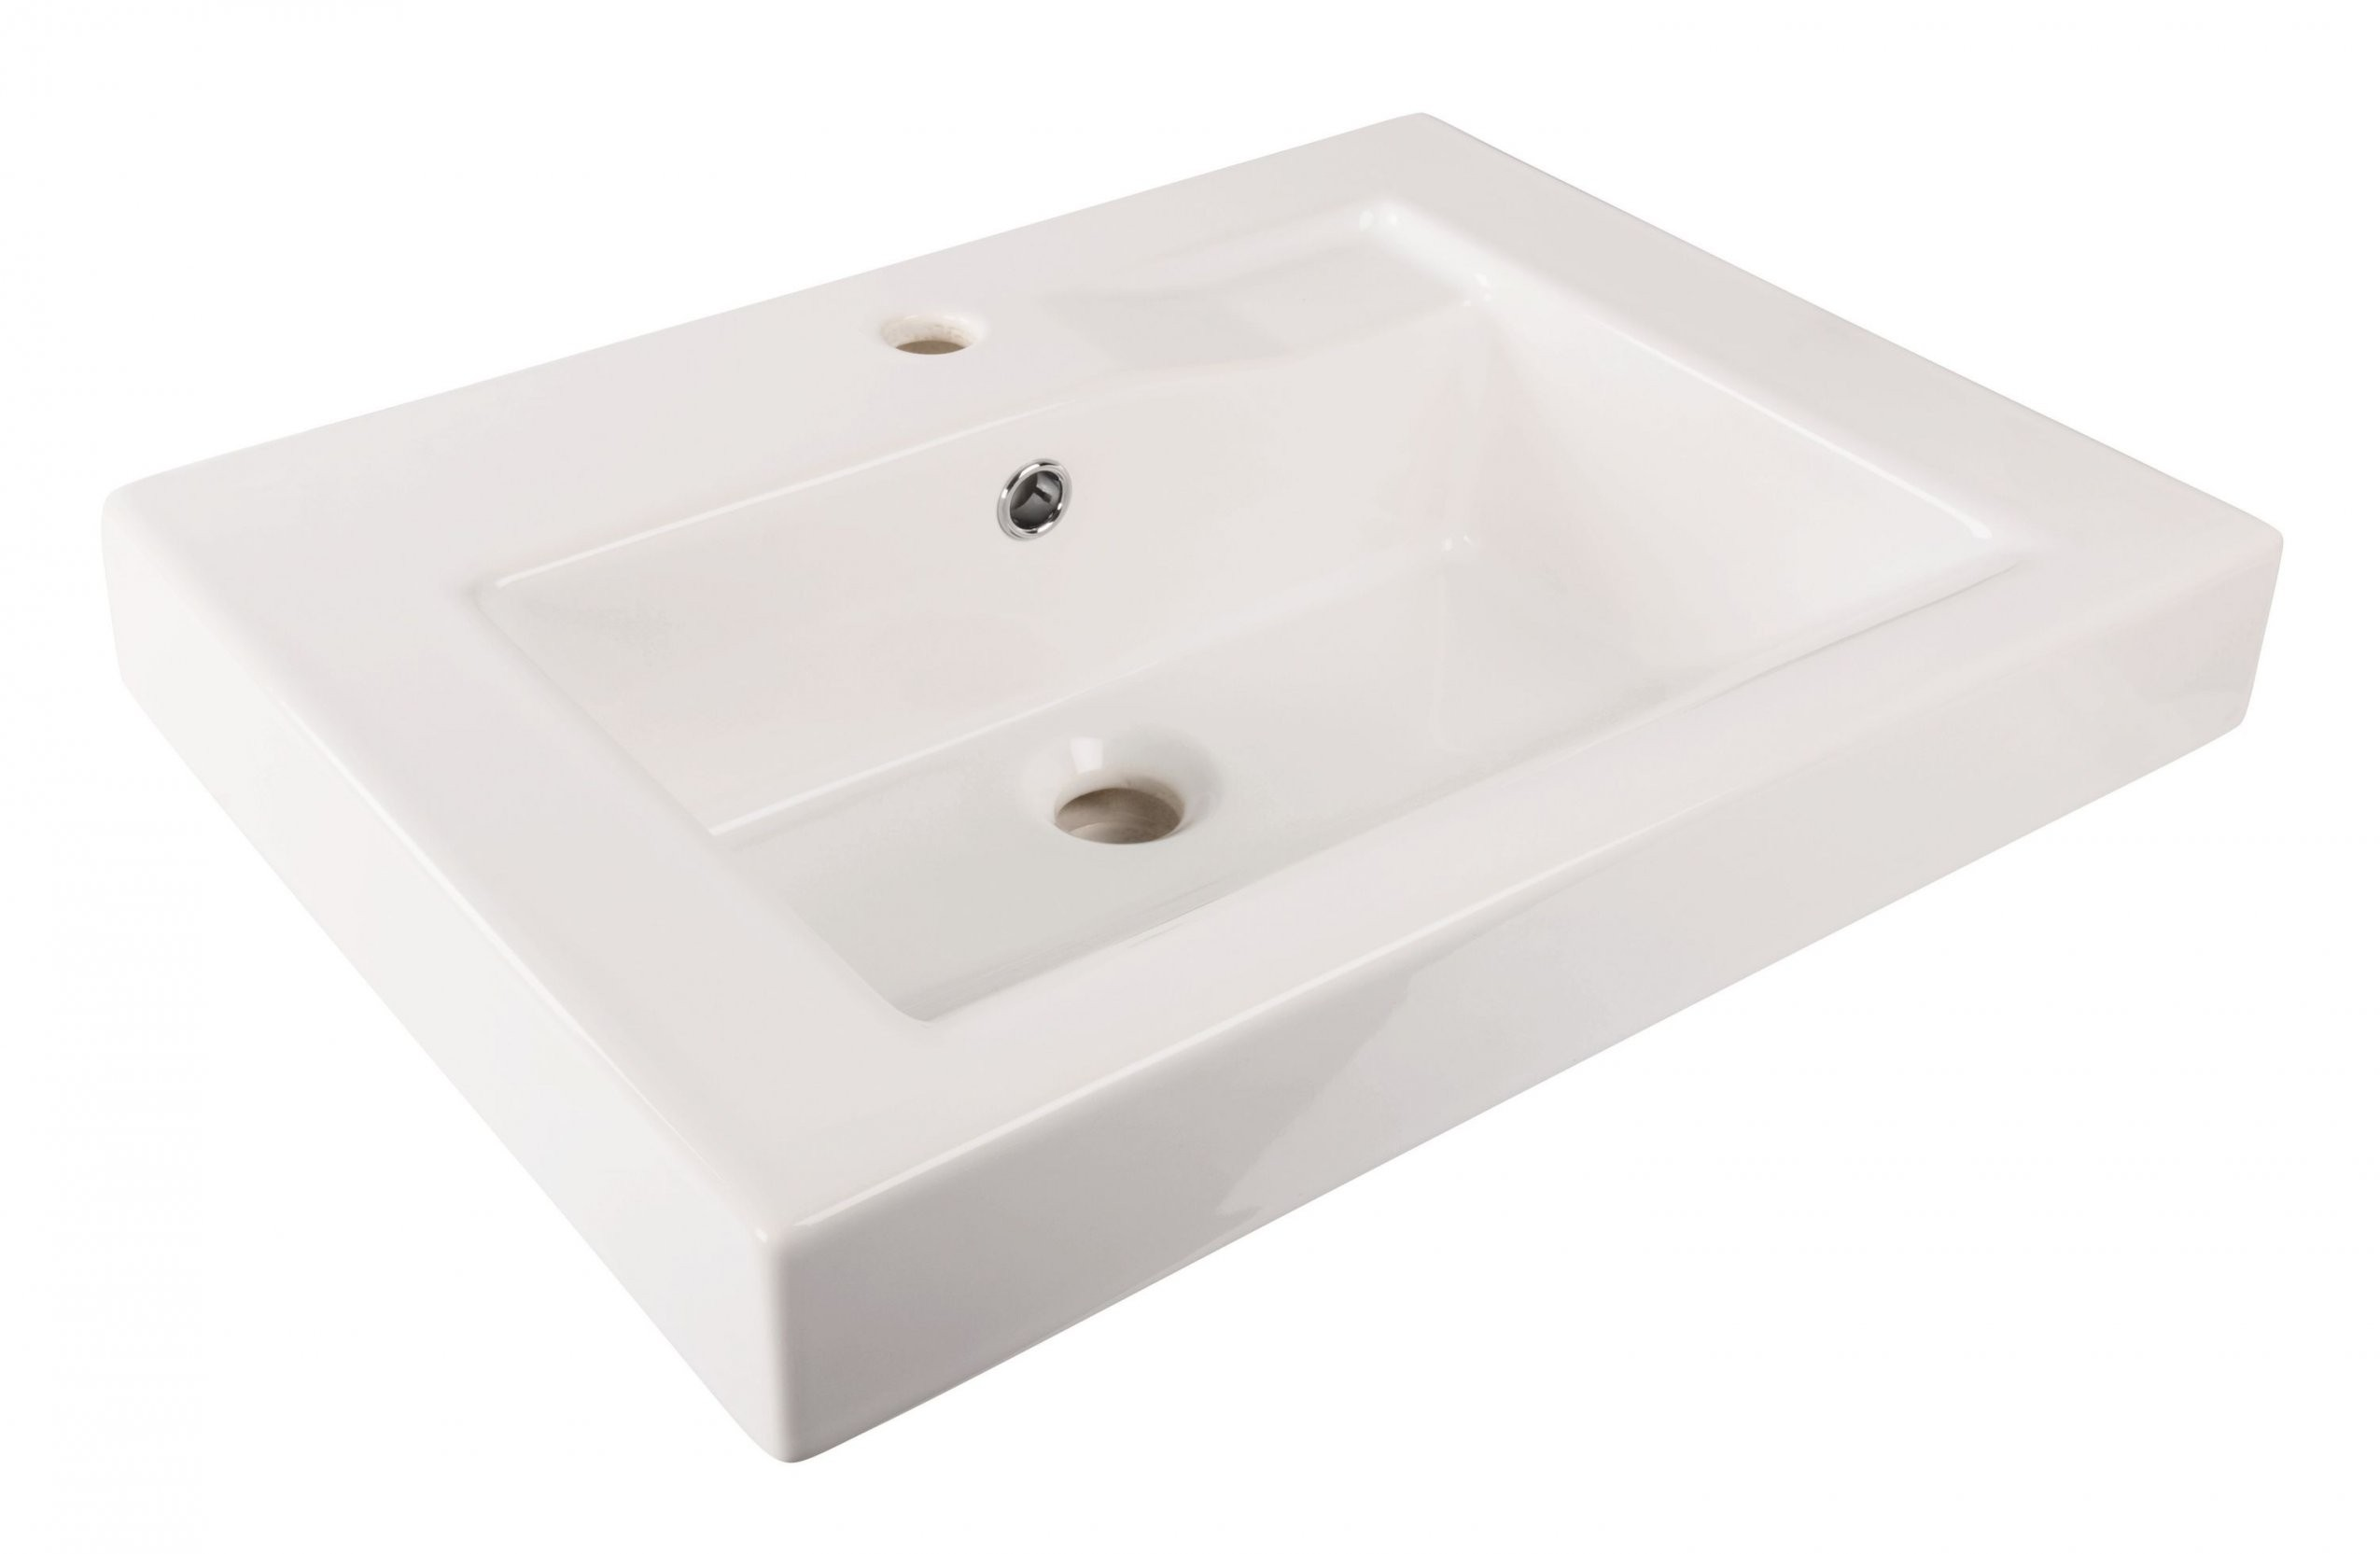 Waschbecken Günstig Online Bestellen  Wwwcalmwaters von Höhe Waschbecken Bad Bild